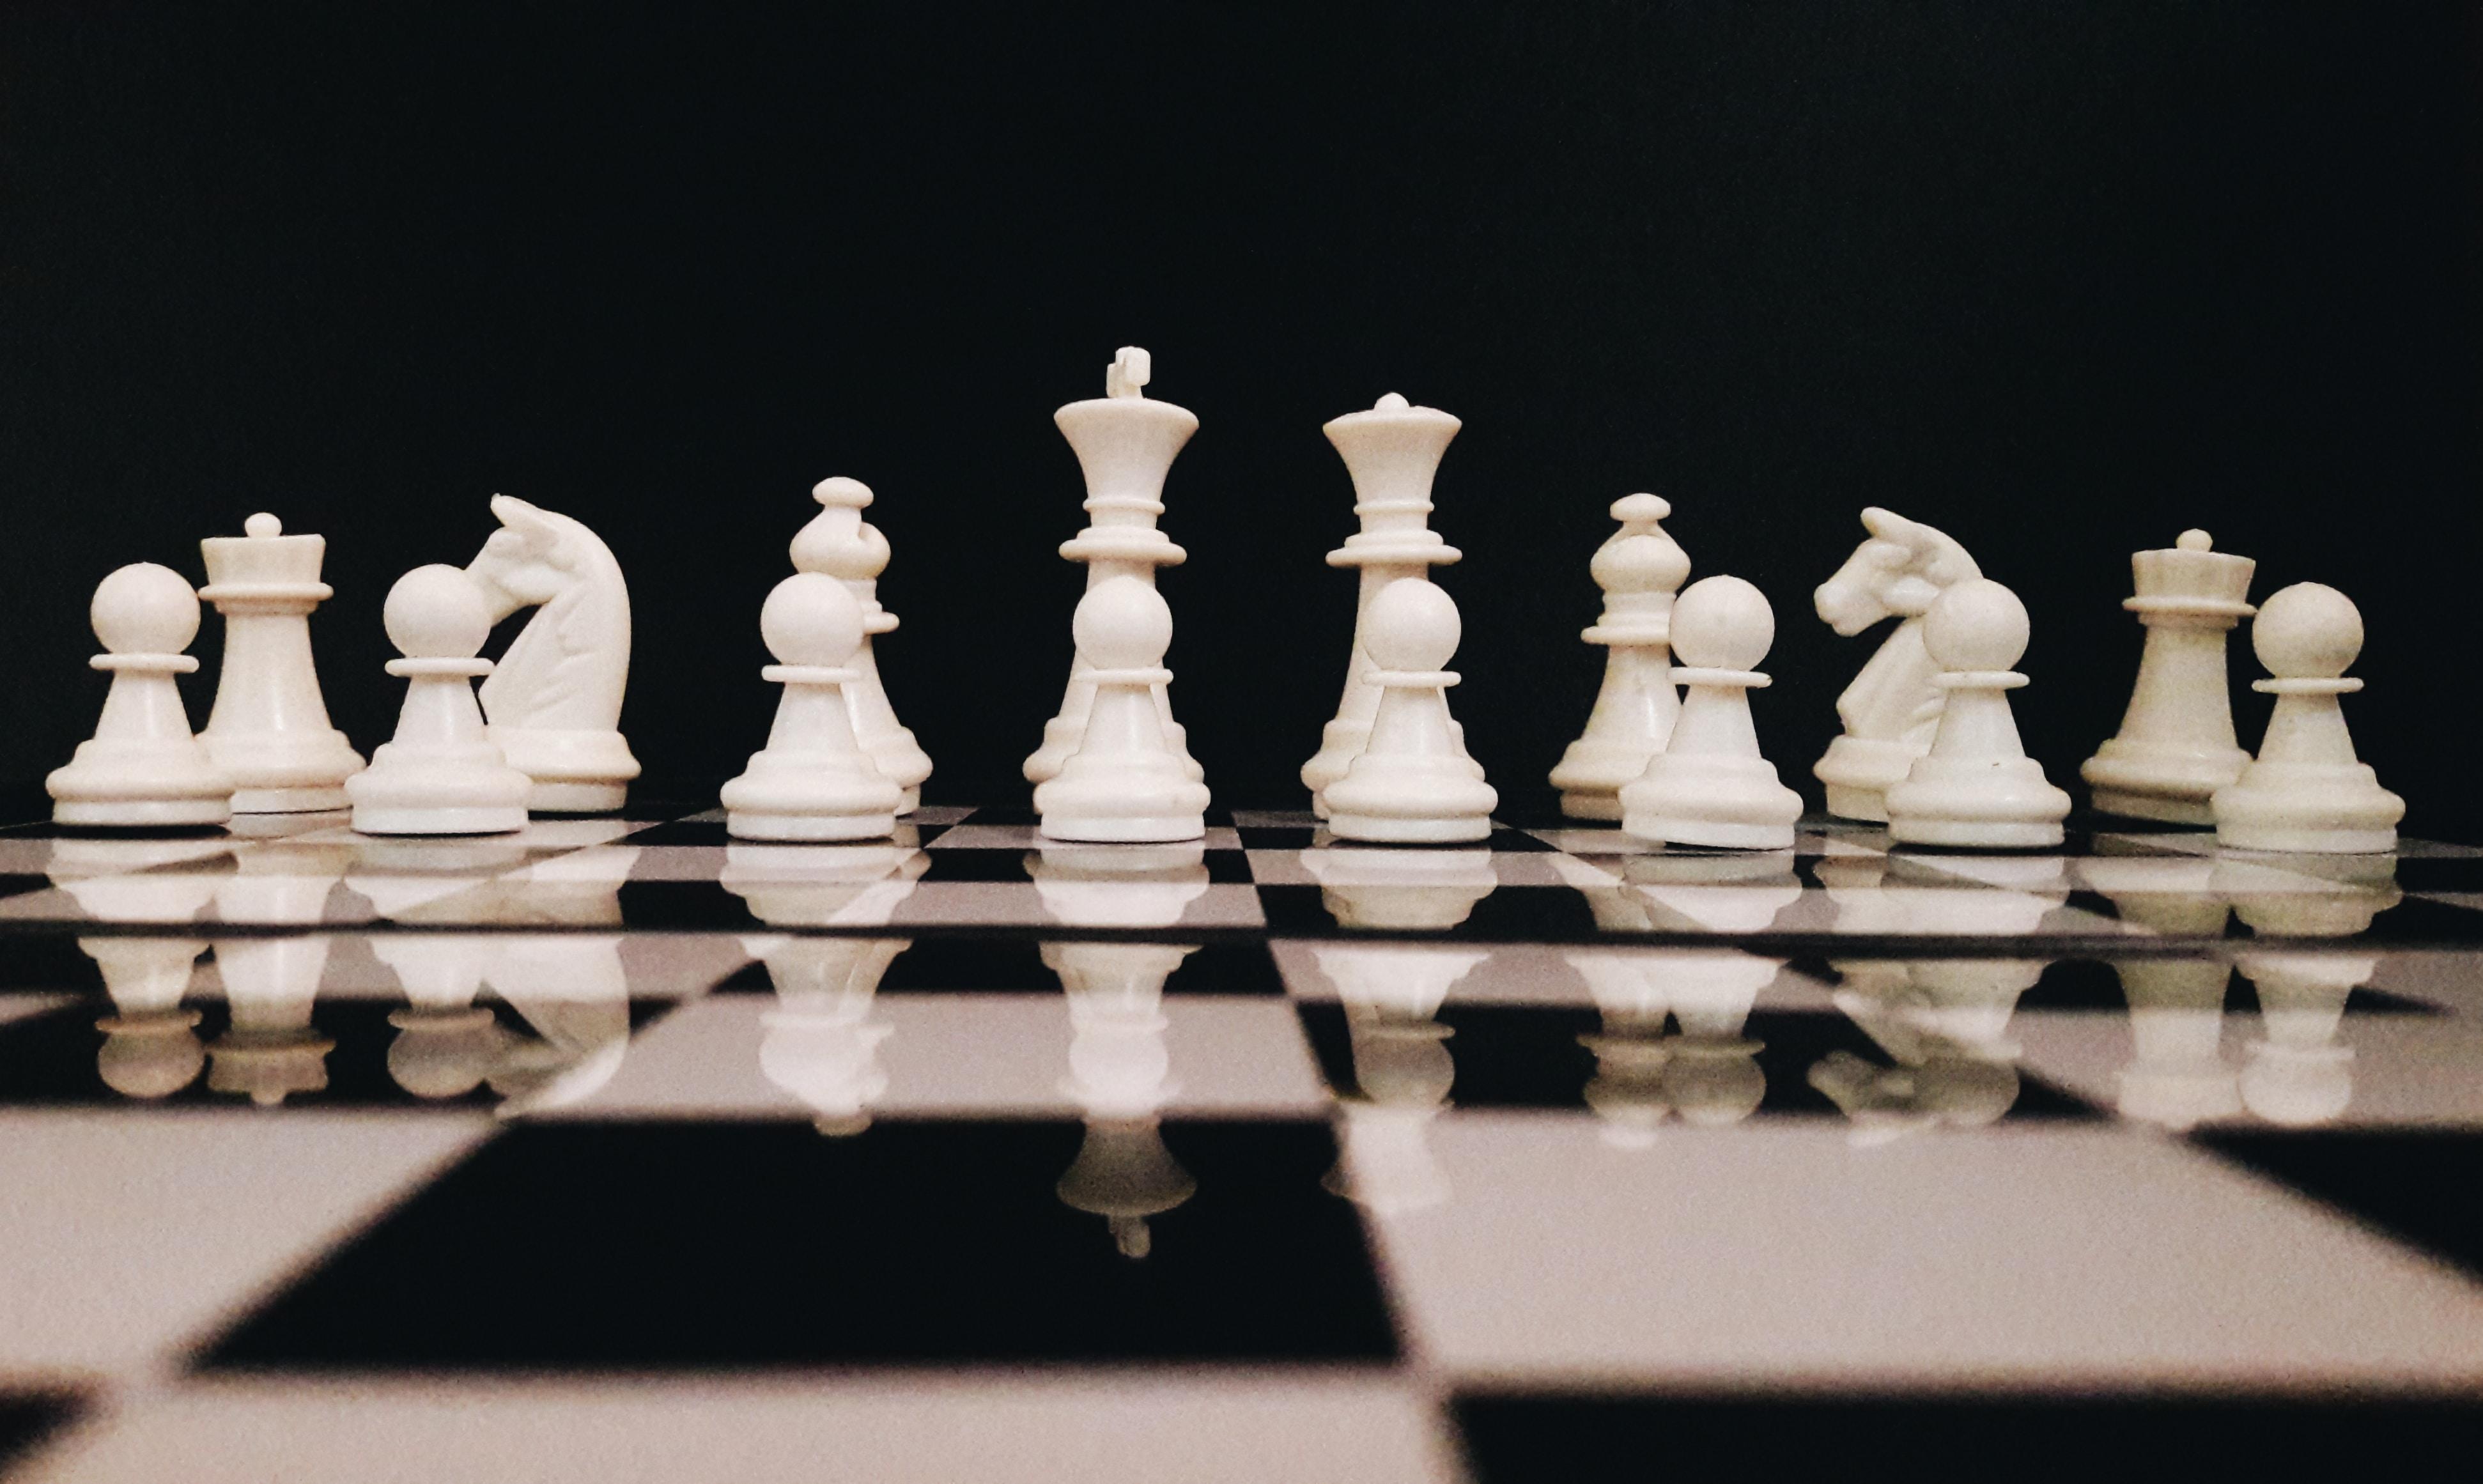 tabuleiro com peças de xadrez distribuídas em suas respectivas posições